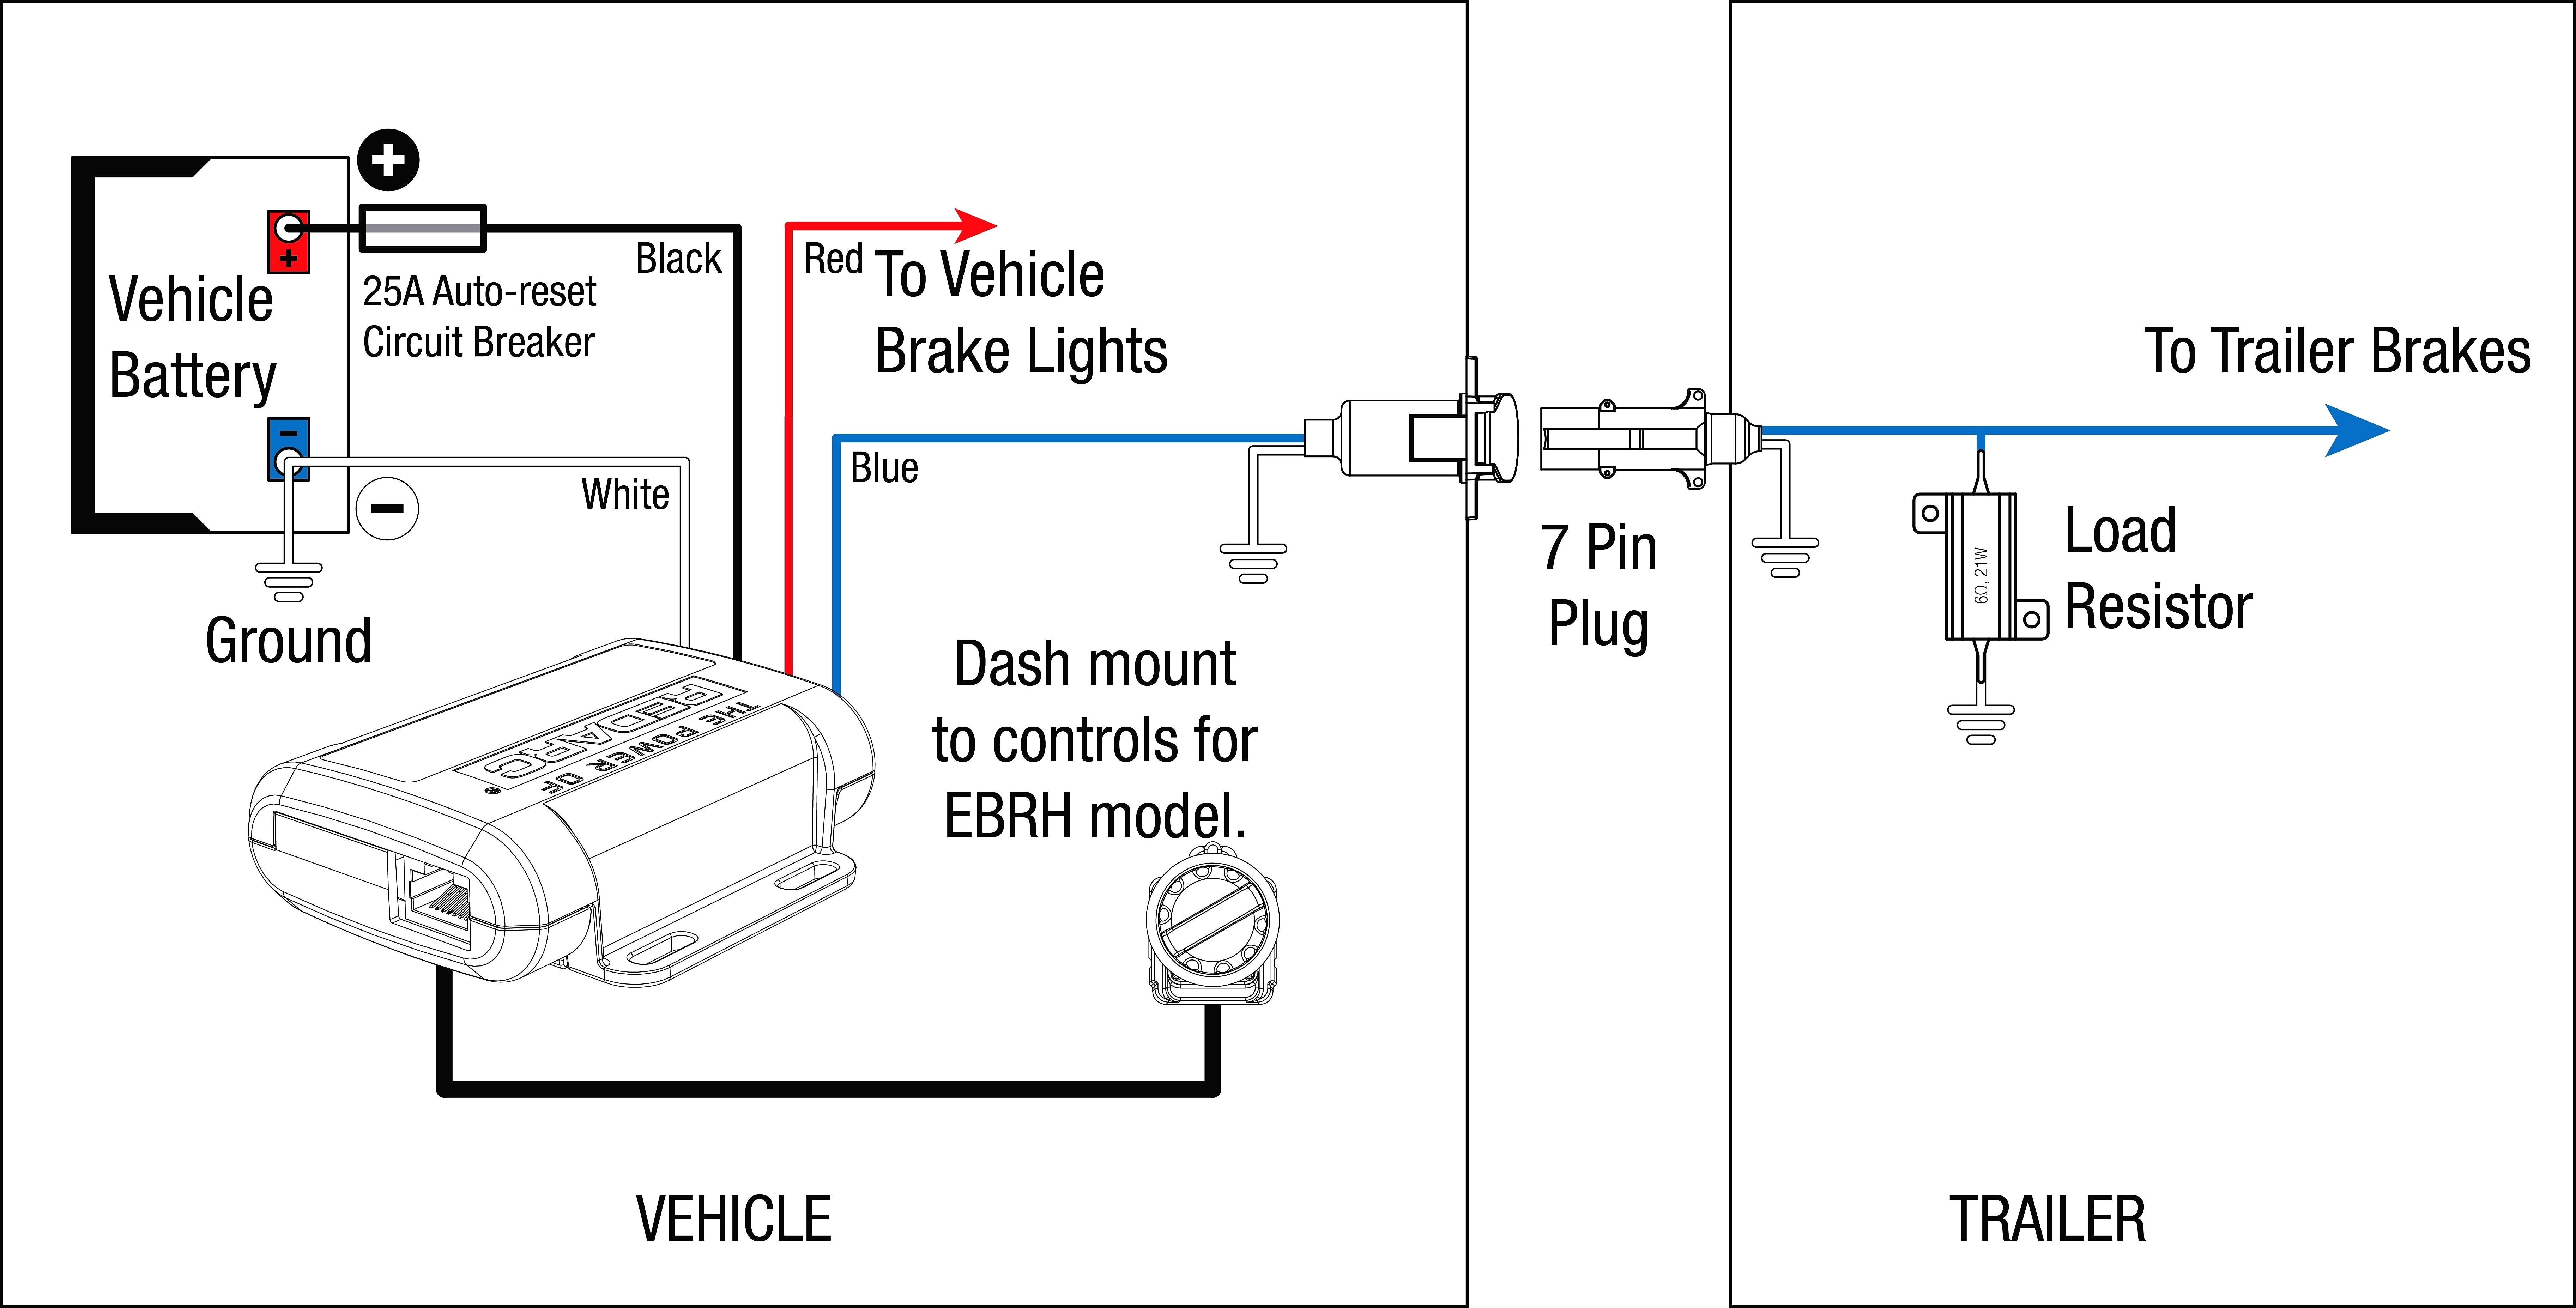 Electric Trailer Brake Controller Wiring Diagram Book Of Dodge - Dodge Trailer Brake Controller Wiring Diagram